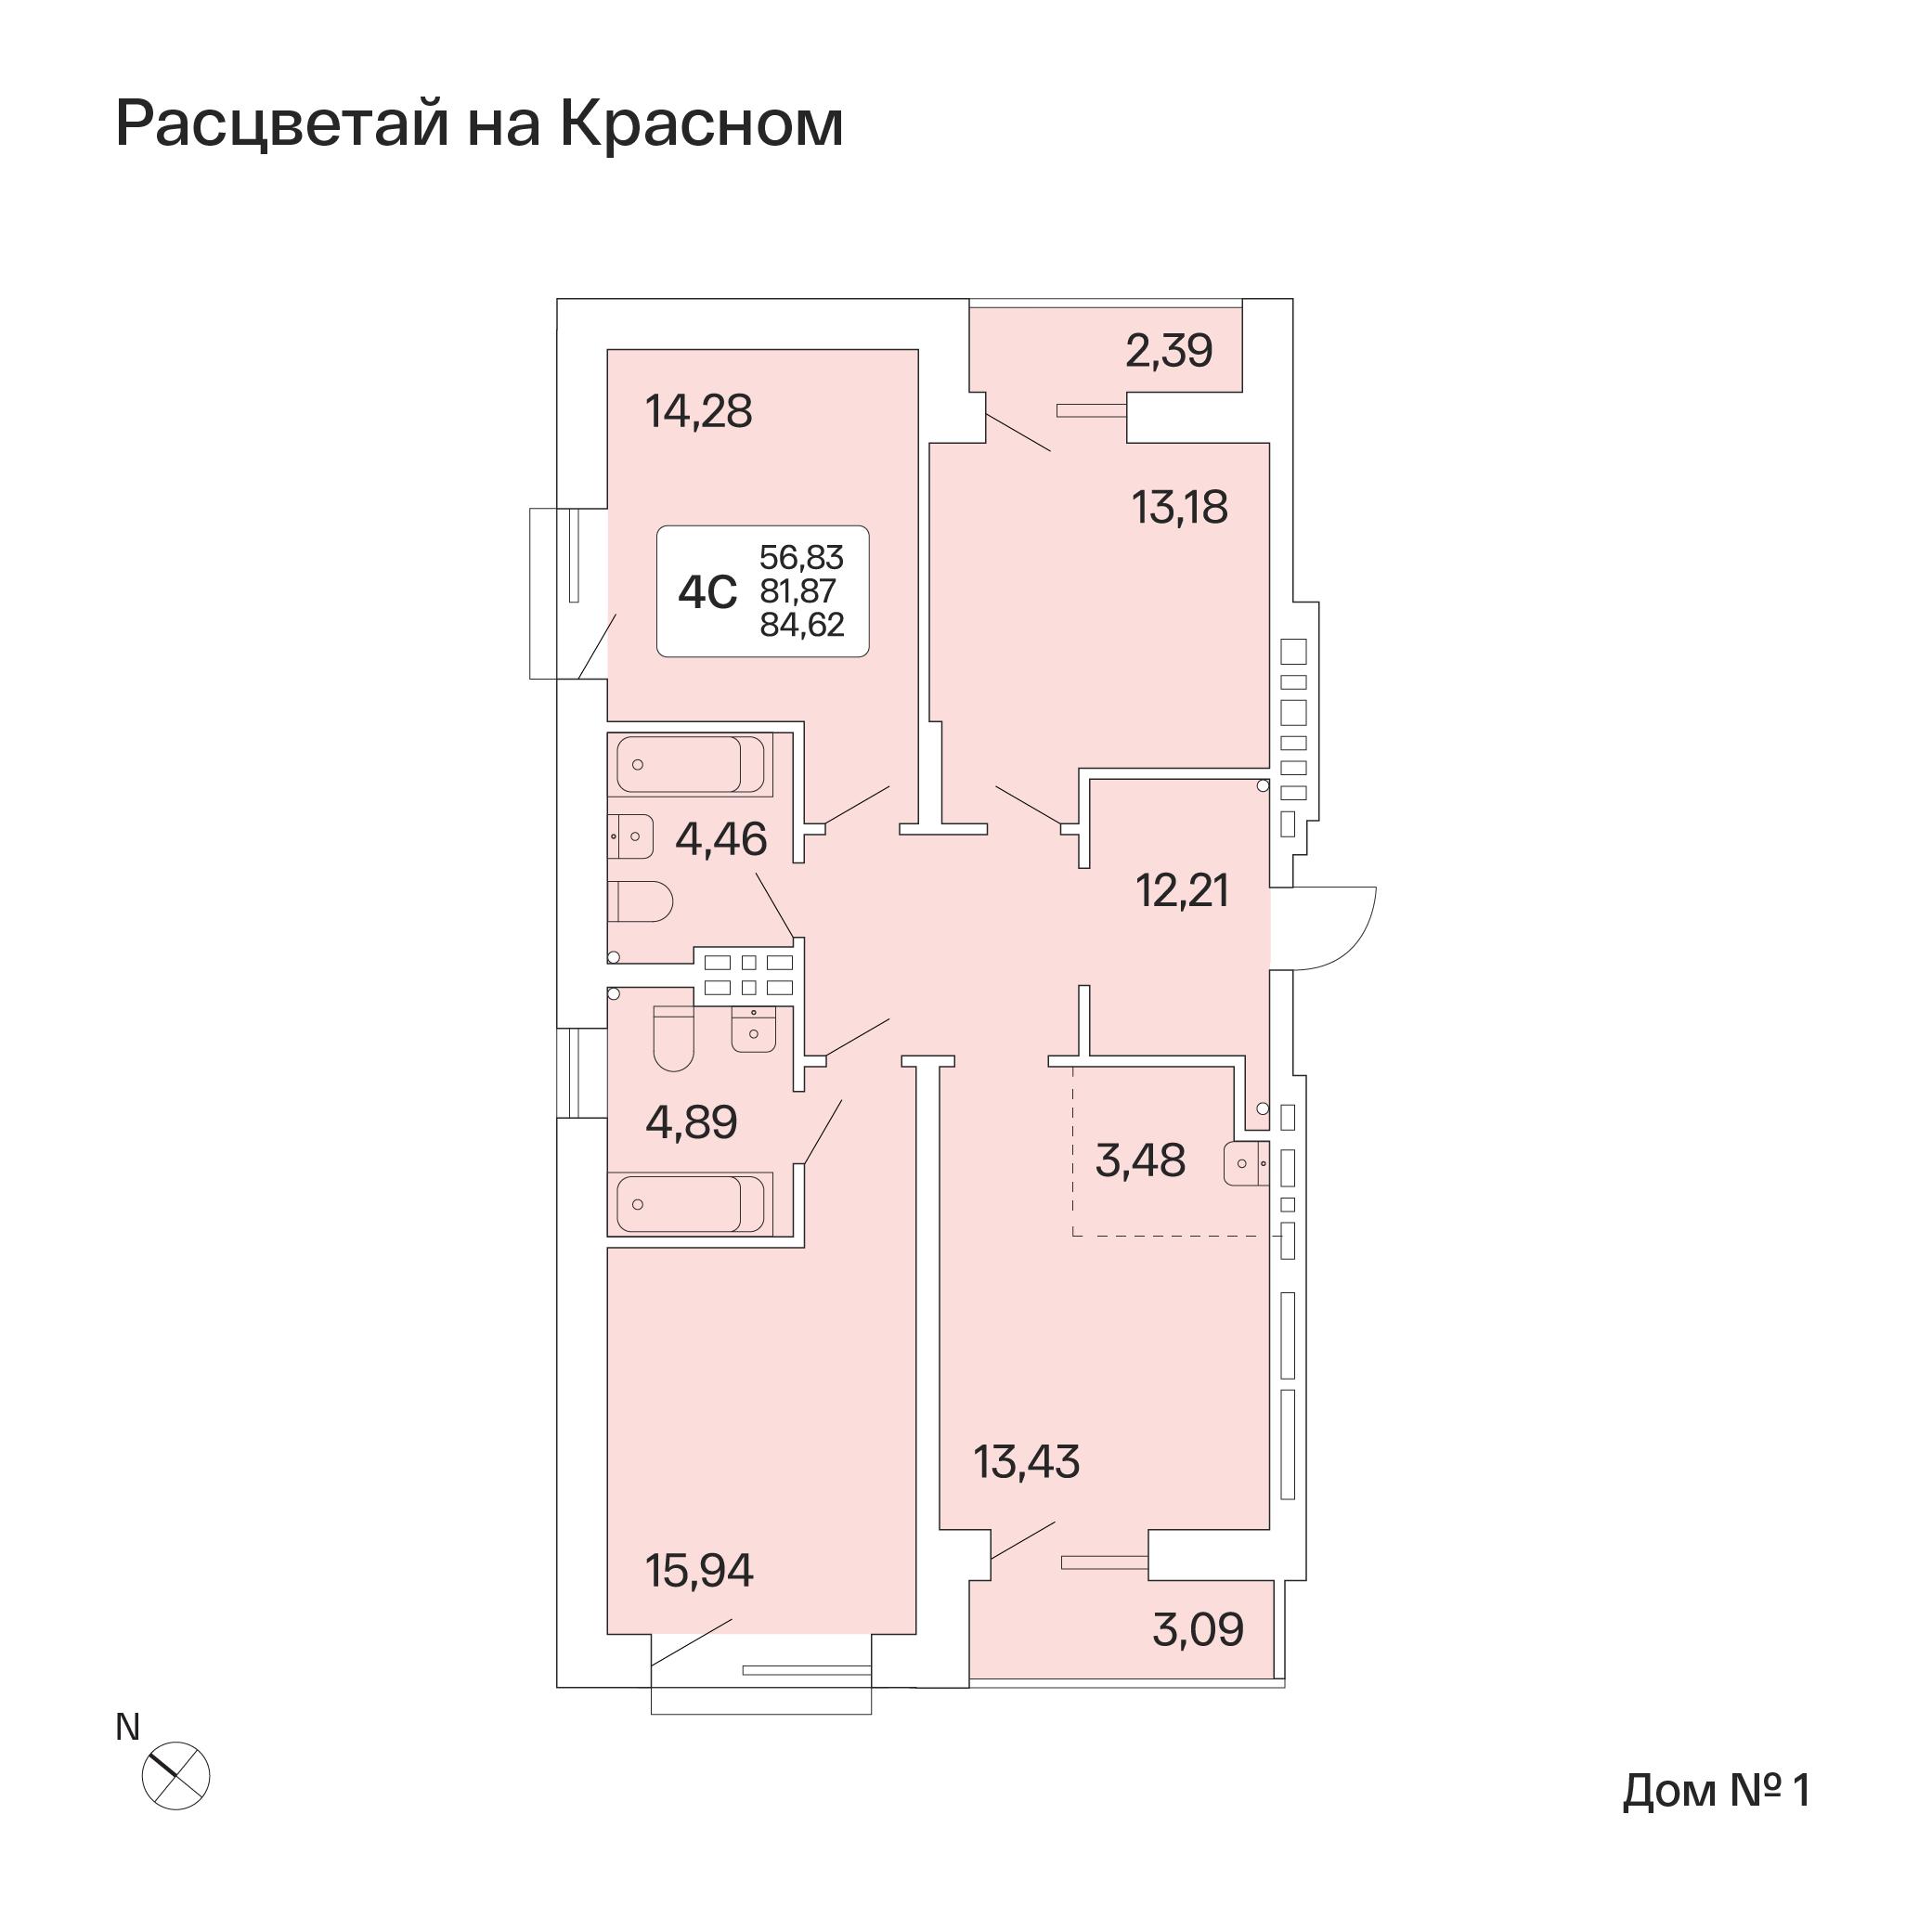 Красный проспект, 167, к1, 4-к квартира